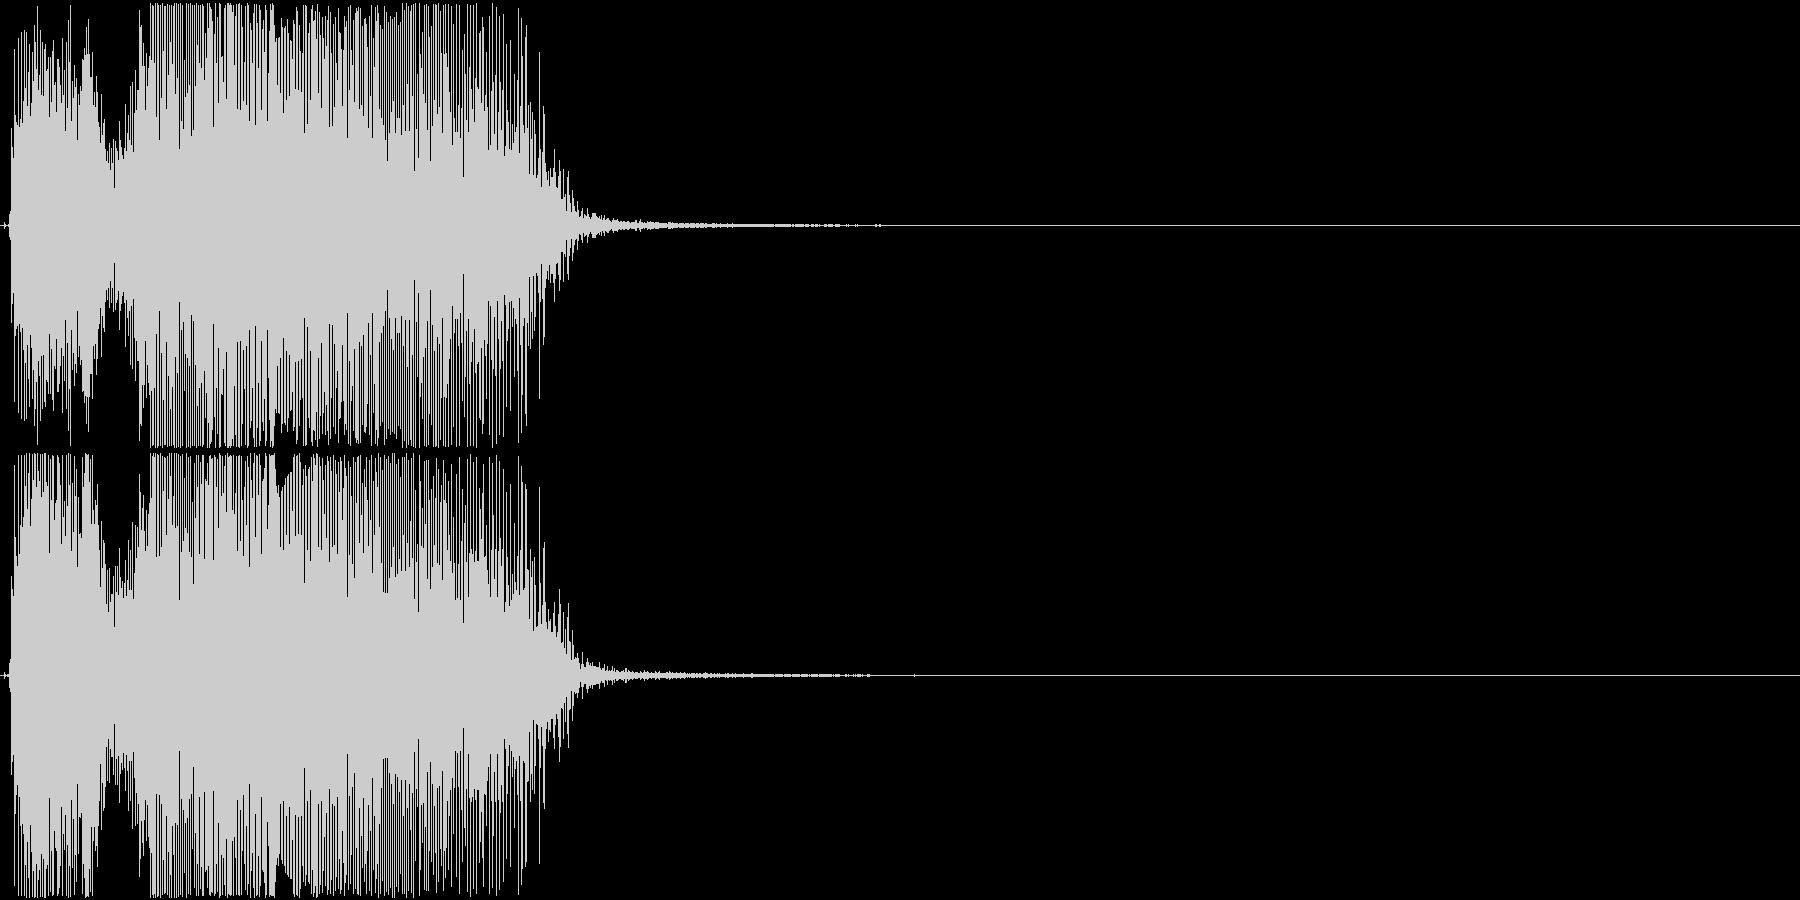 「OK!」アプリ・ゲーム用の未再生の波形